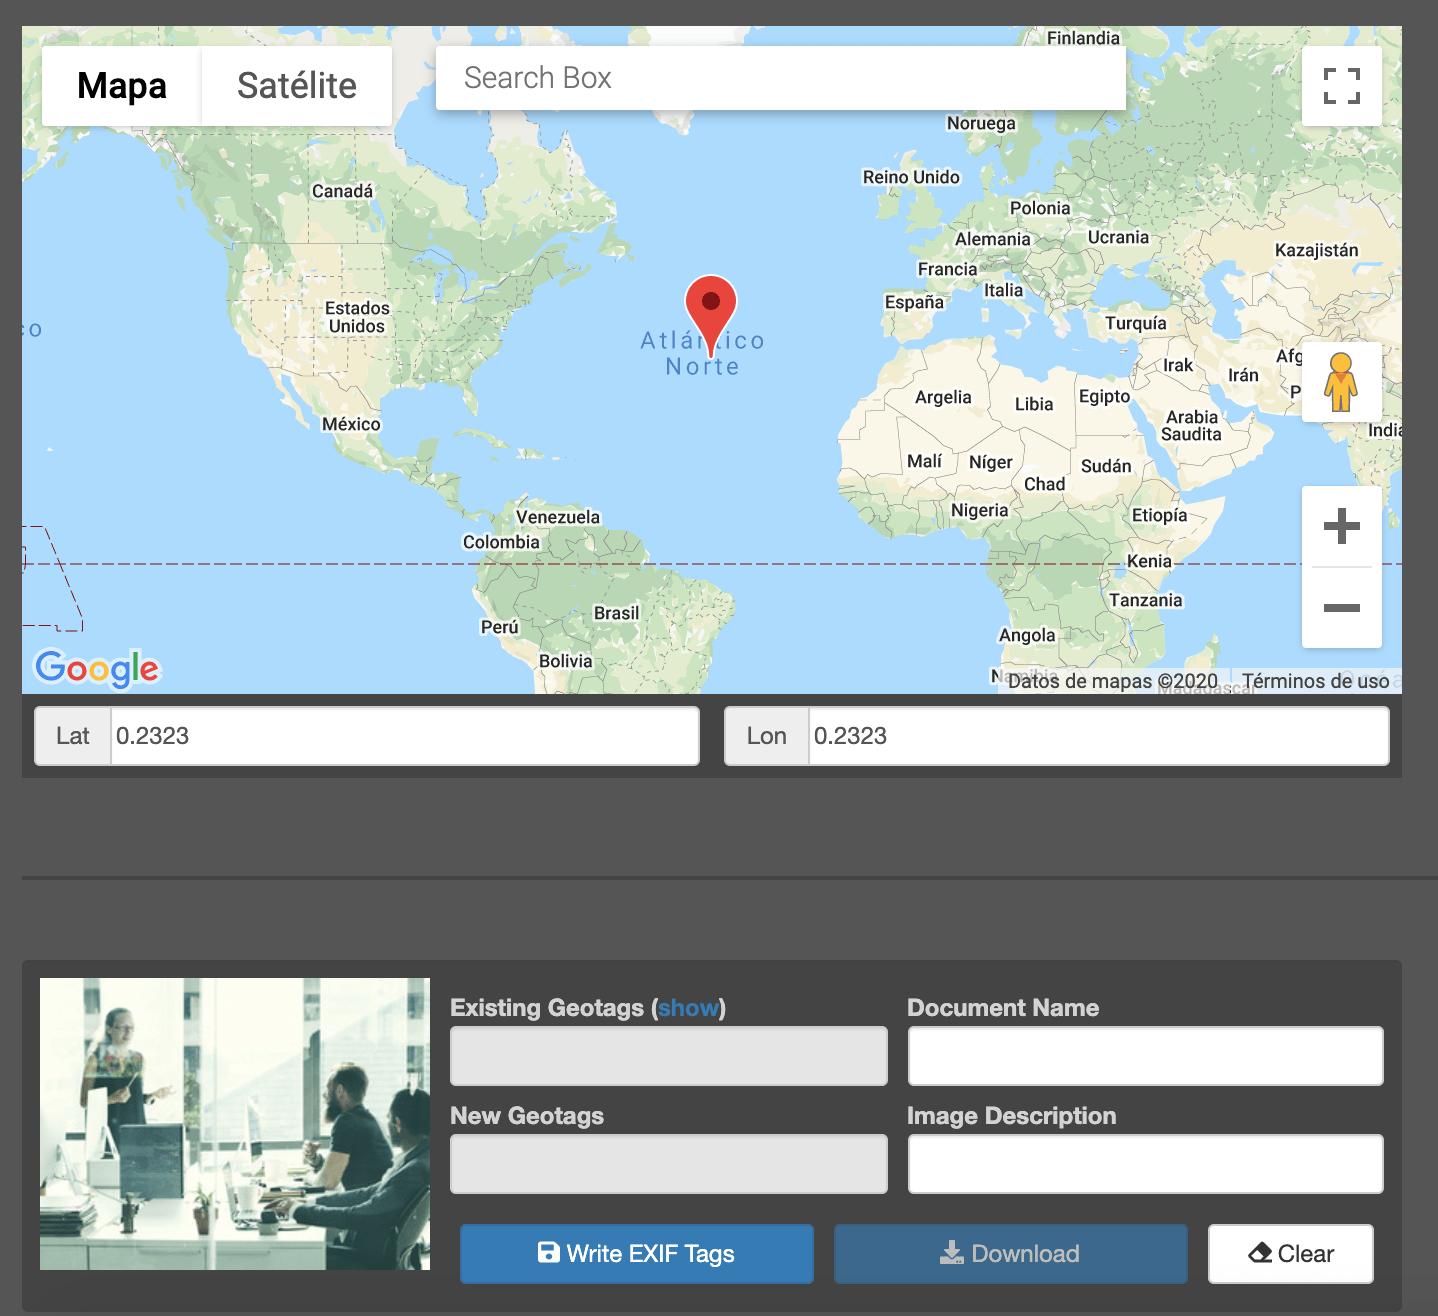 Captura de herramienta para geolocalizar imágenes en el mapa